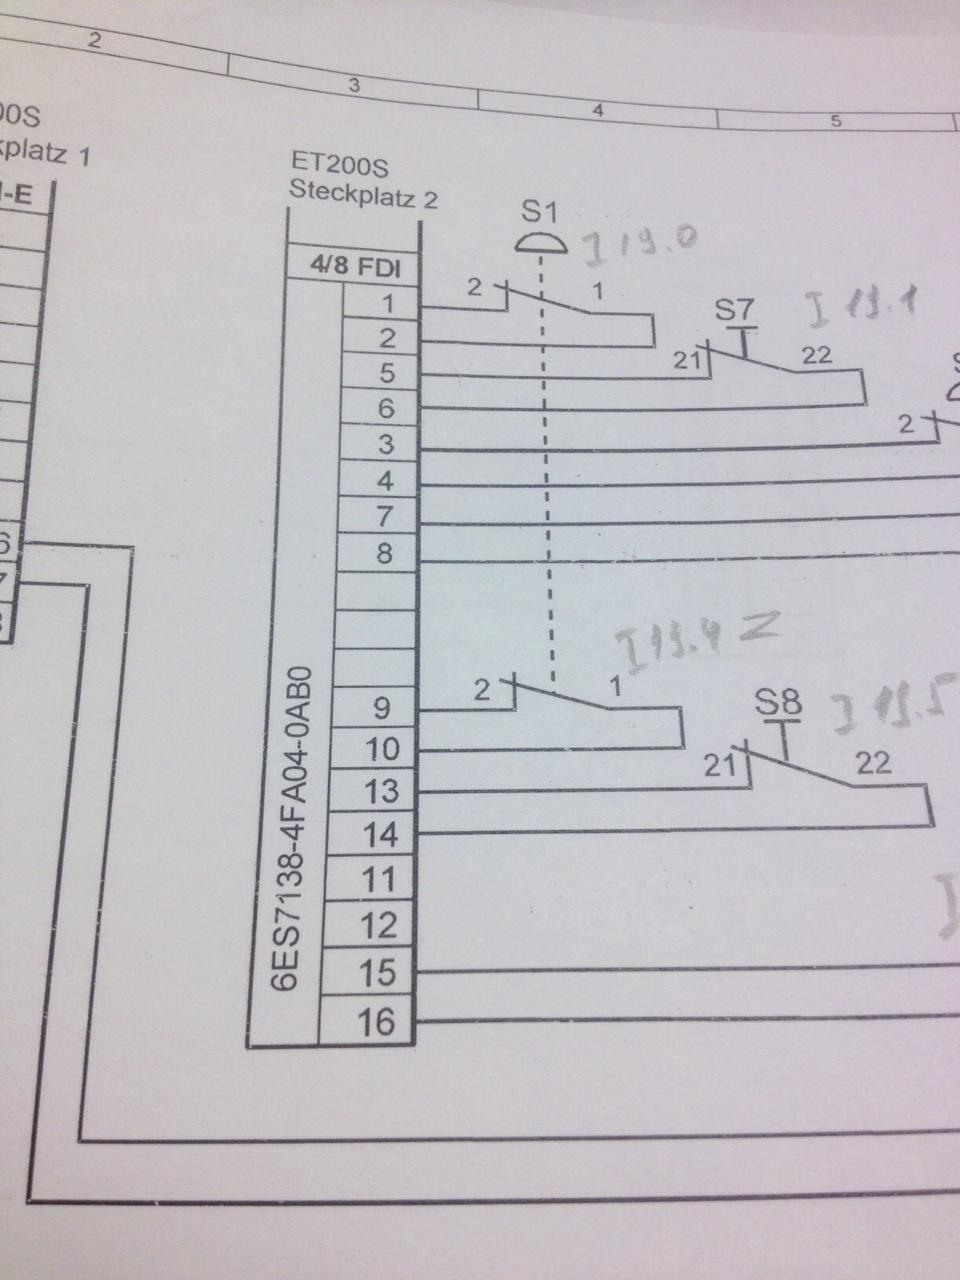 Еще немного об ошибках проектирования АСУ ТП и программирования ПЛК - 2